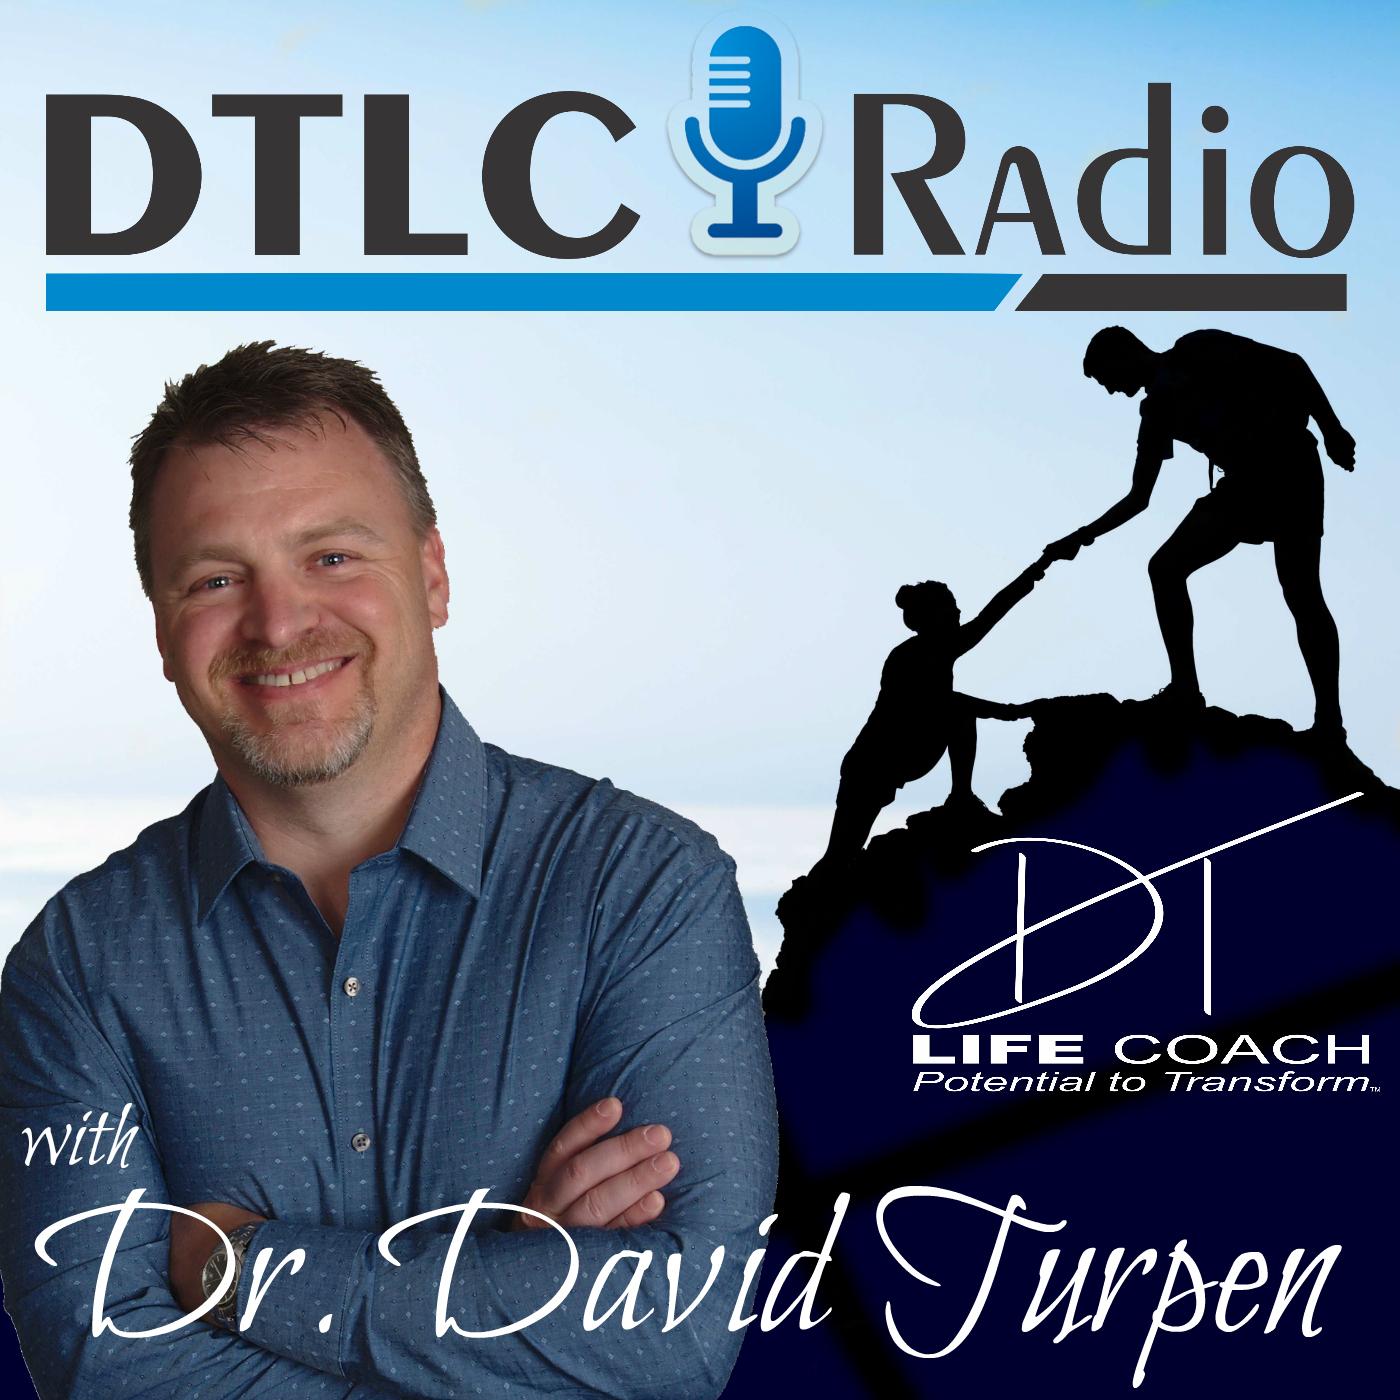 DTLC Radio show art